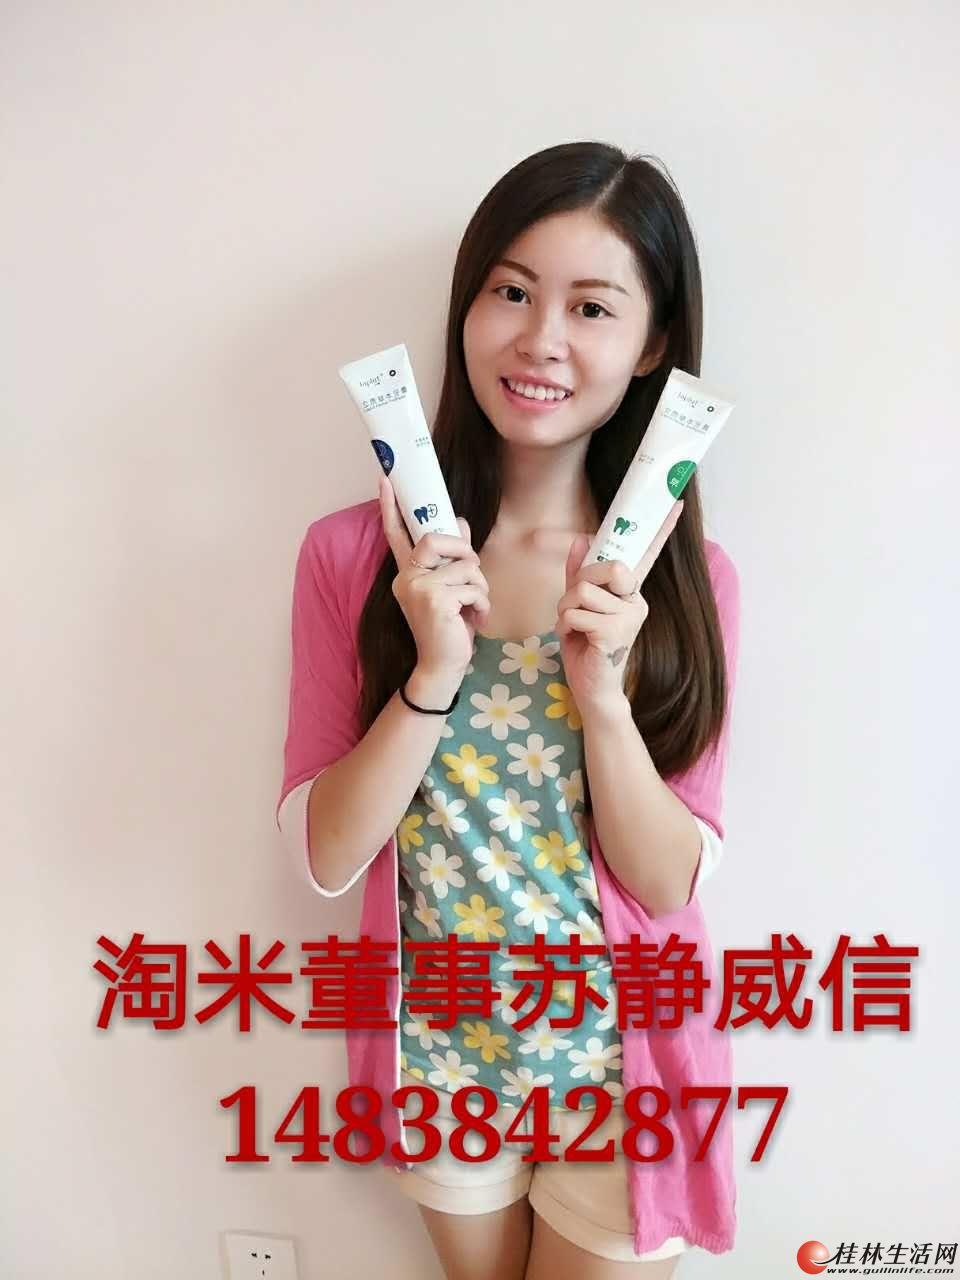 淘米立质牙膏可以给小孩用吗?有副作用吗